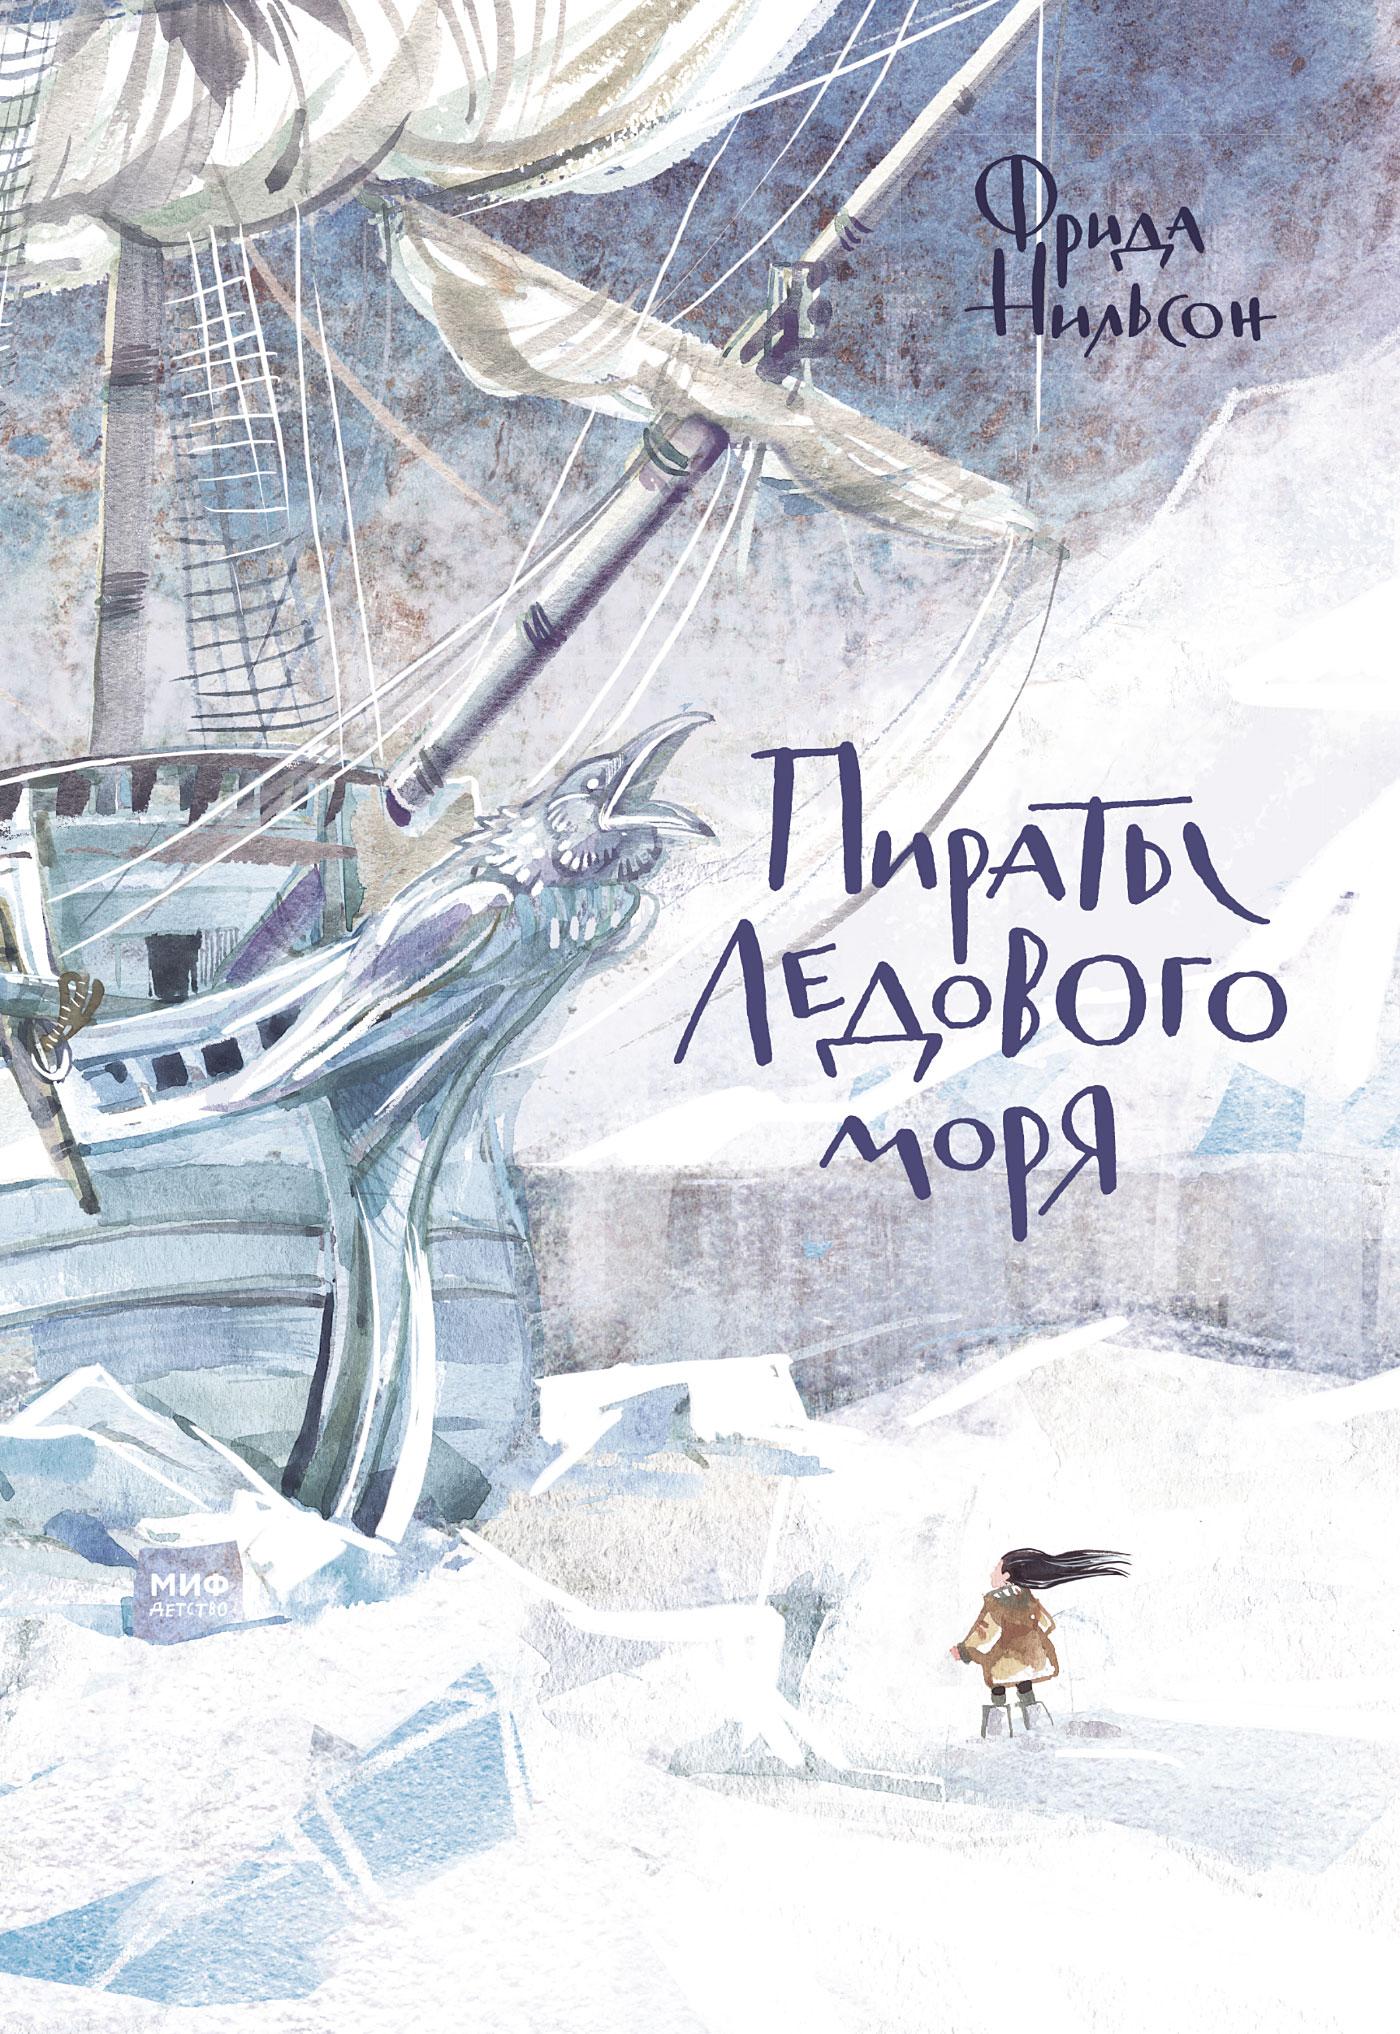 все цены на Фрида Нильсон Пираты Ледового моря онлайн